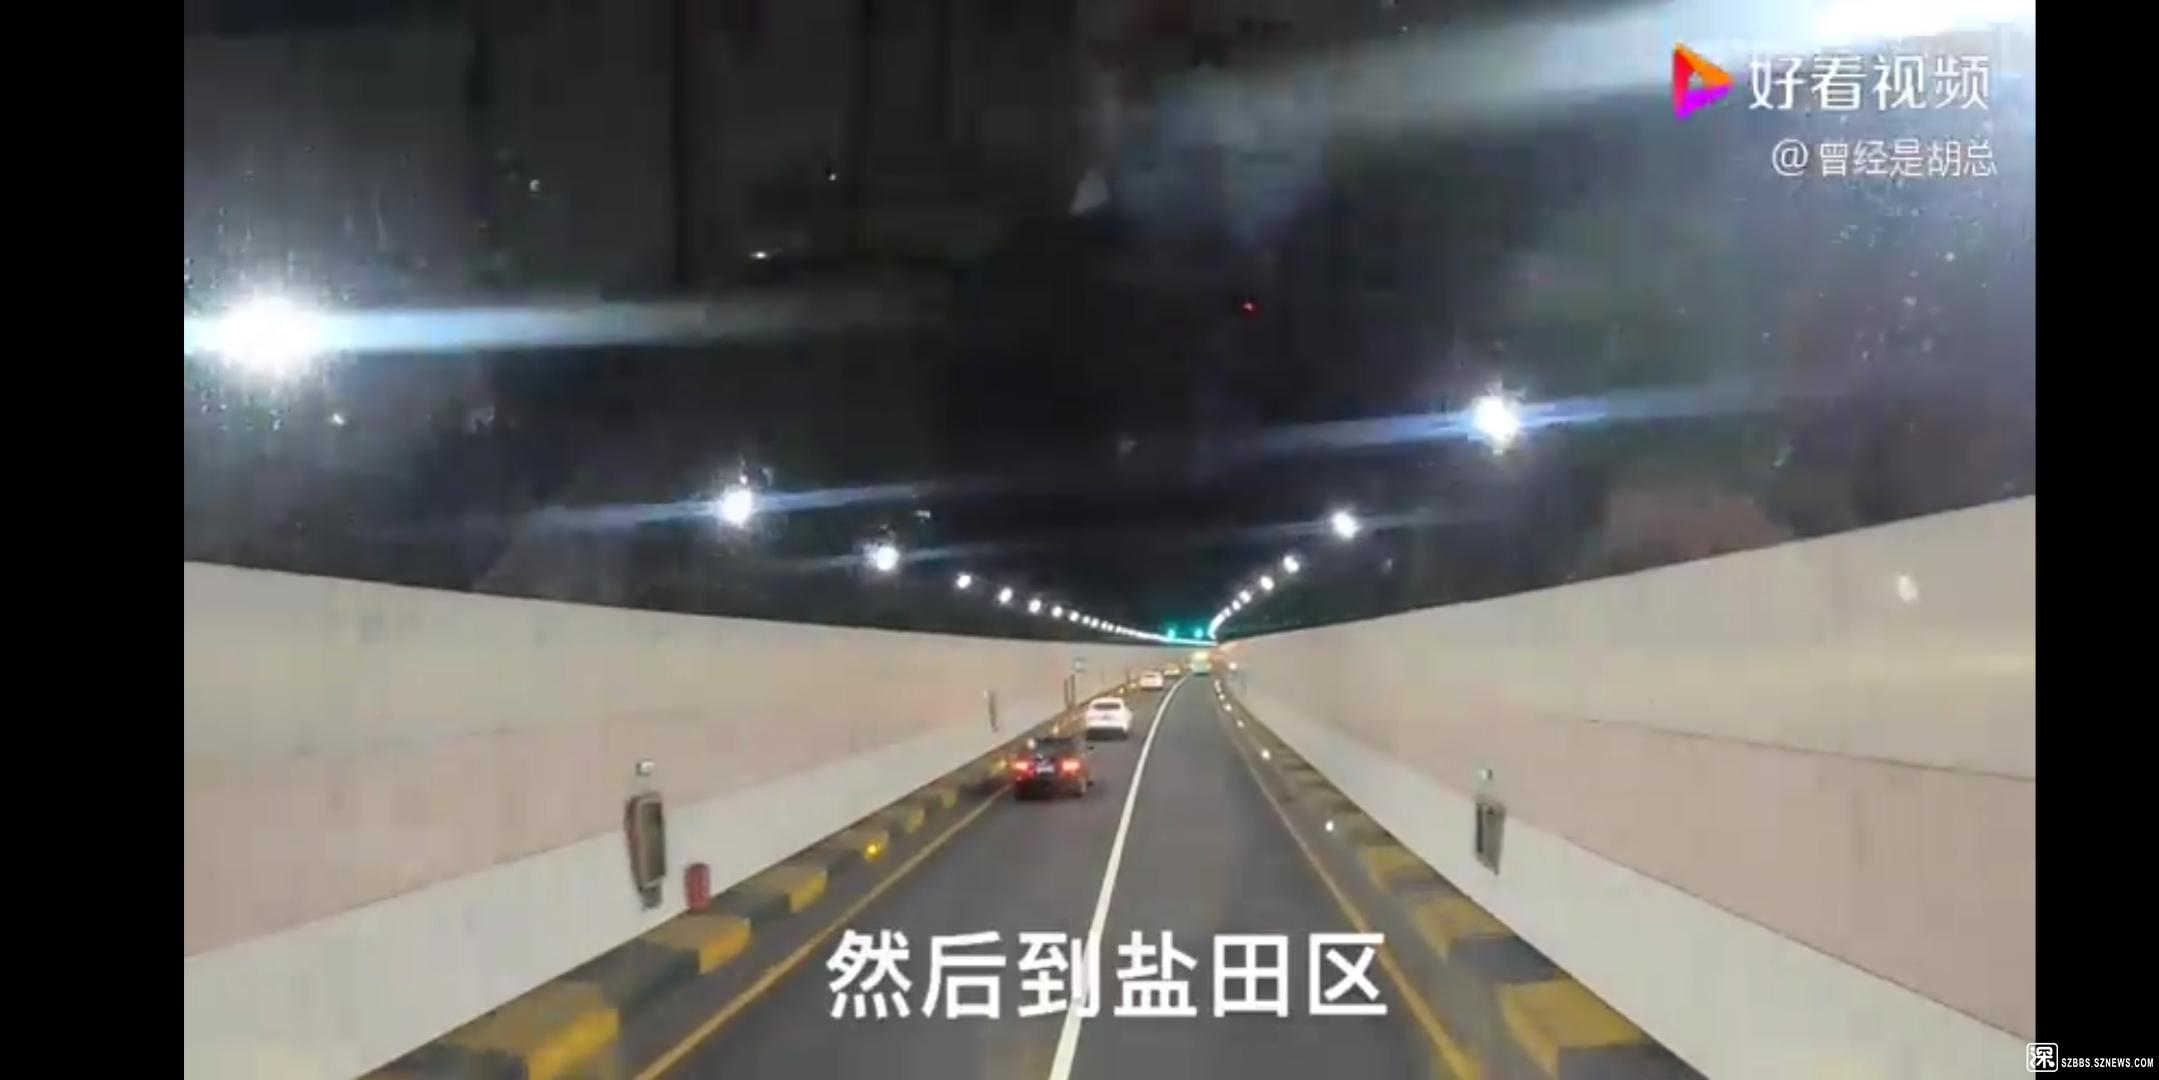 梧桐山隧道04.jpg